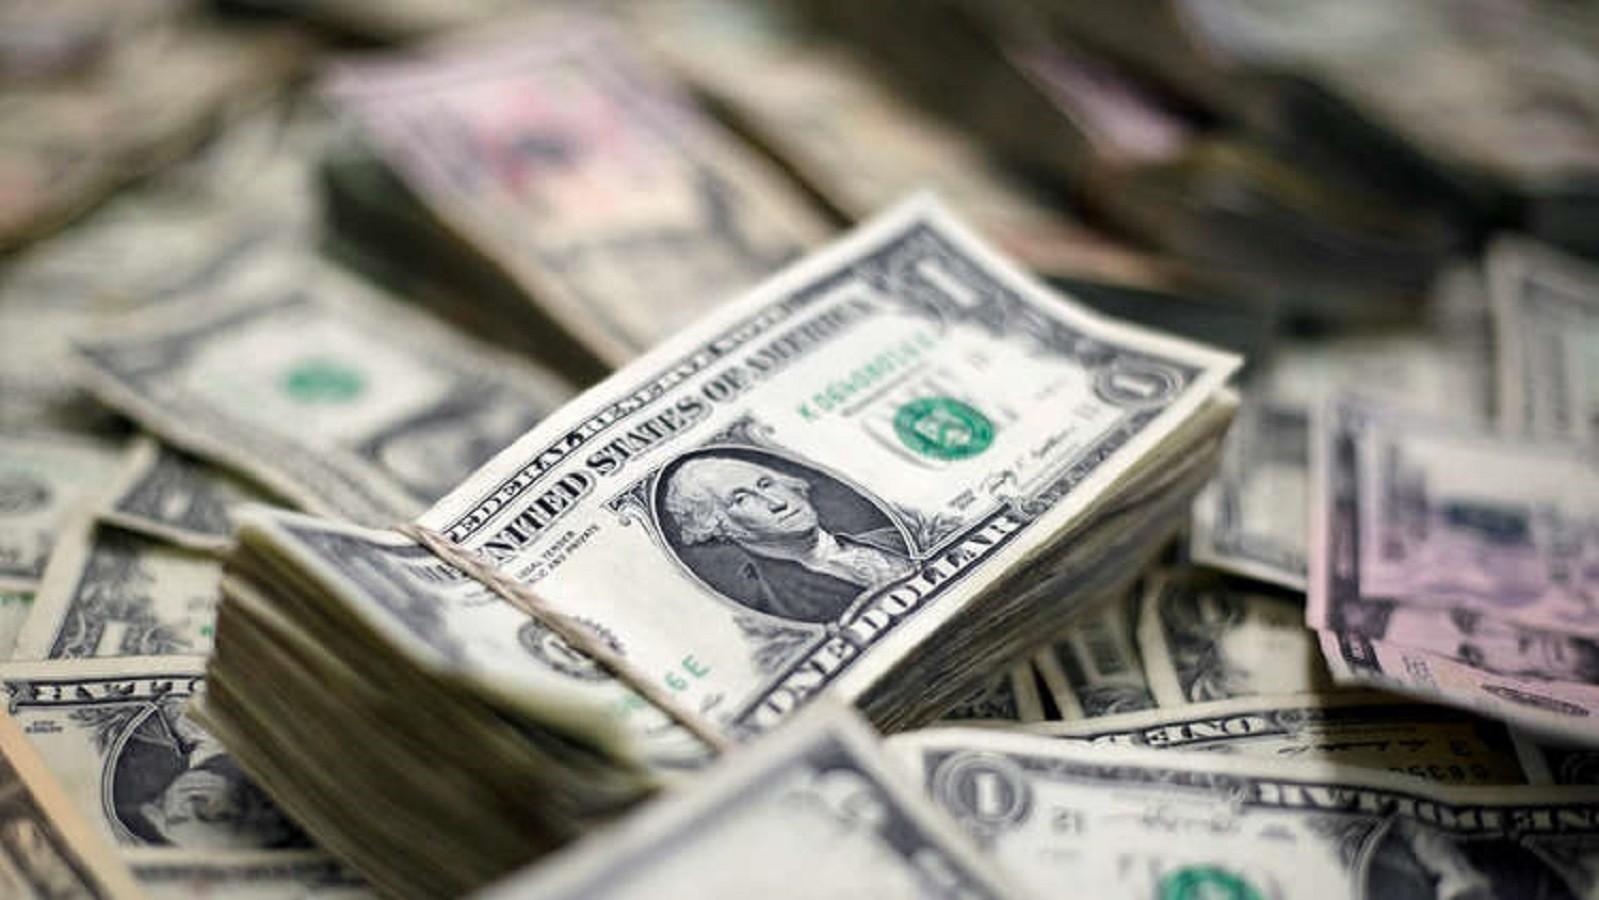 المستثمرون الأجانب يتخلون عن سندات الخزينة الأمريكية بوتائر قياسية